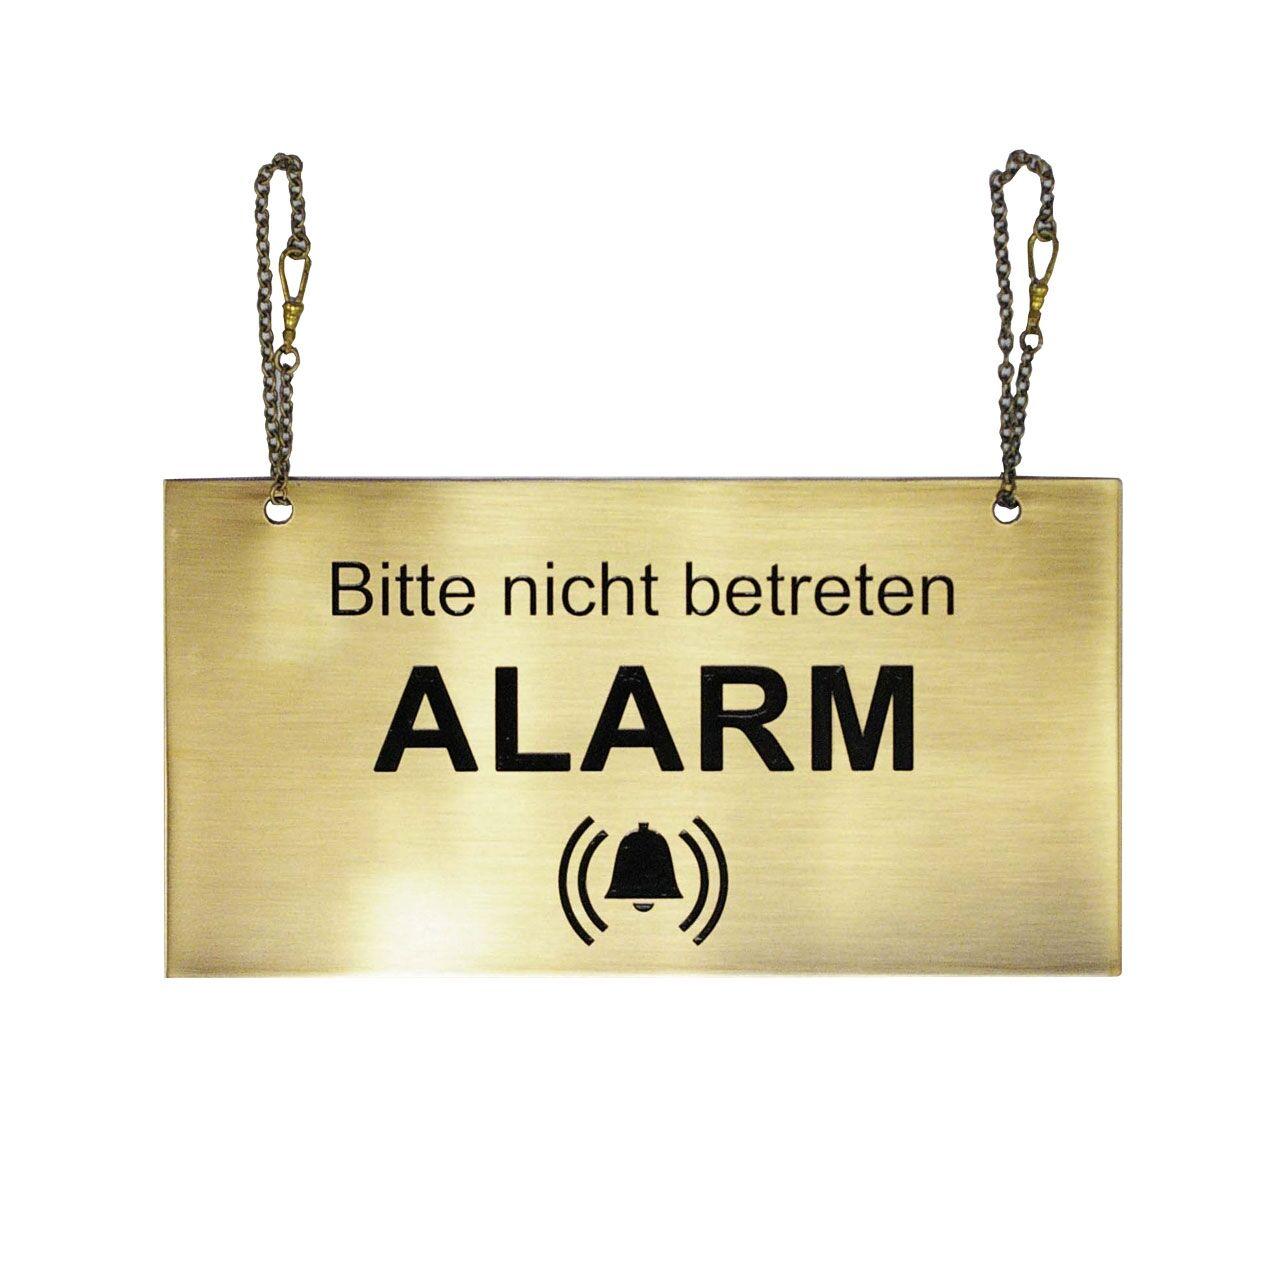 Alarmschild: Bitte nicht betreten!